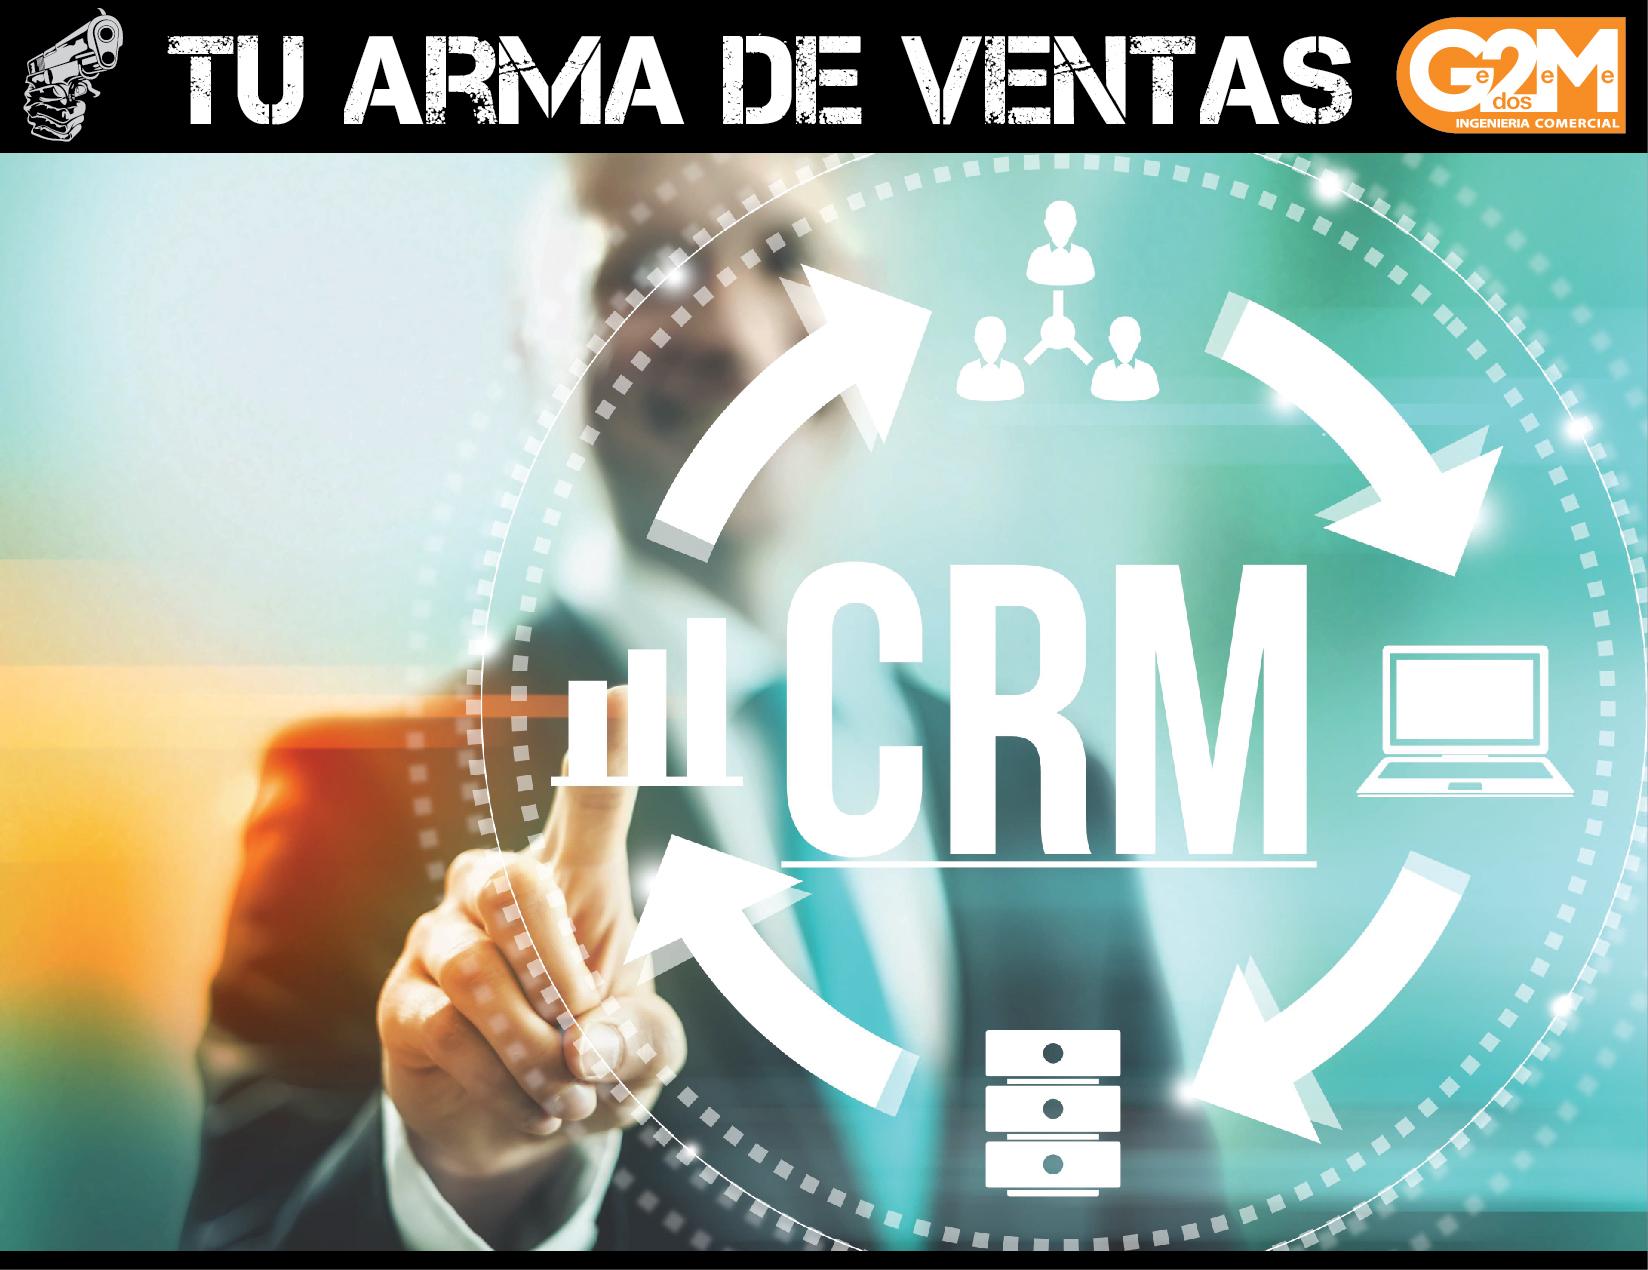 CRM arma de ventas-01